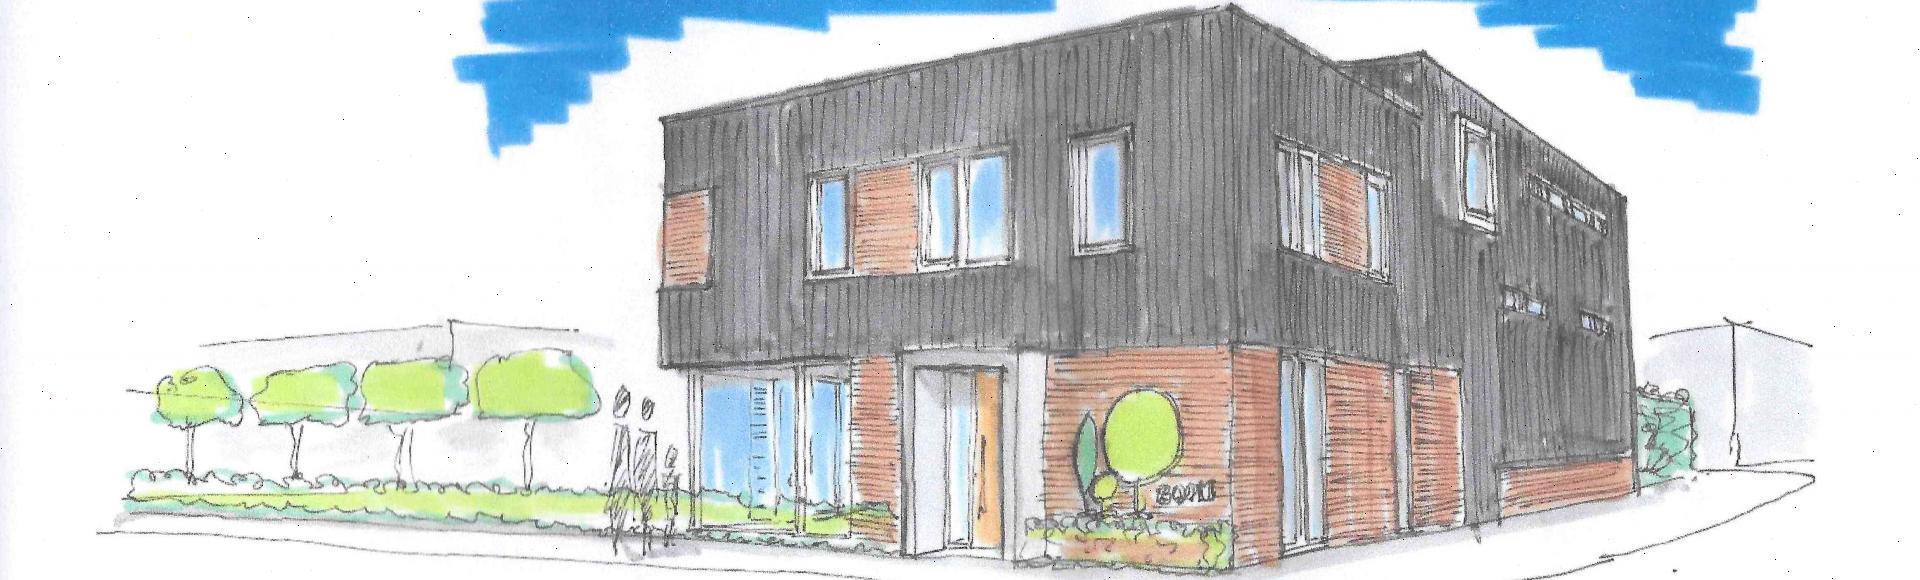 Nieuwbouw bedrijfsruimte met woning Capelle aan den IJssel